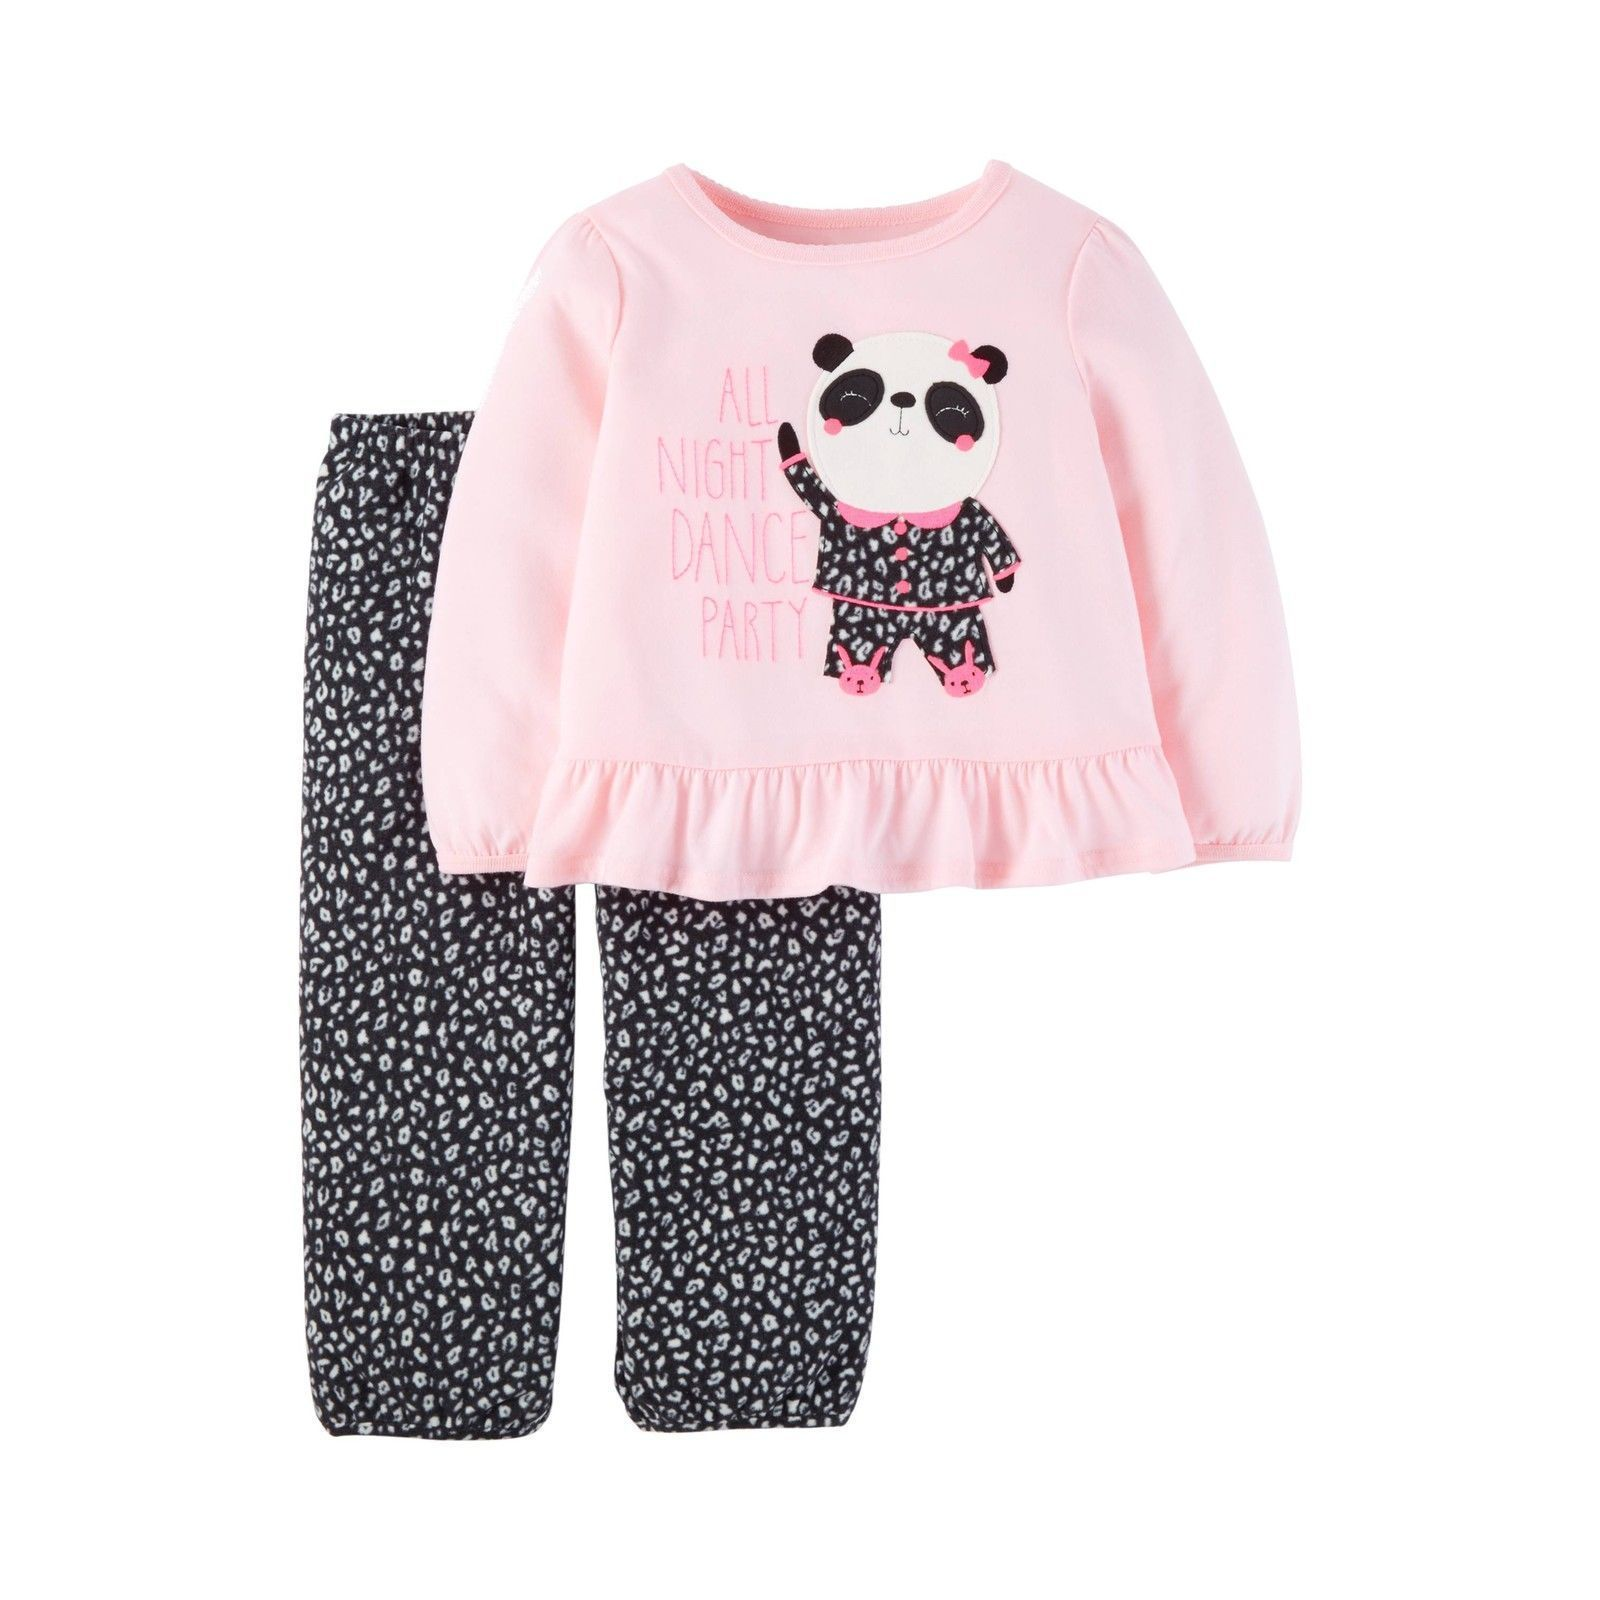 5cadfc7a0 Just One You Carter's Toddler Girls Panda Animal Print Pajama Set Pink Size  4T